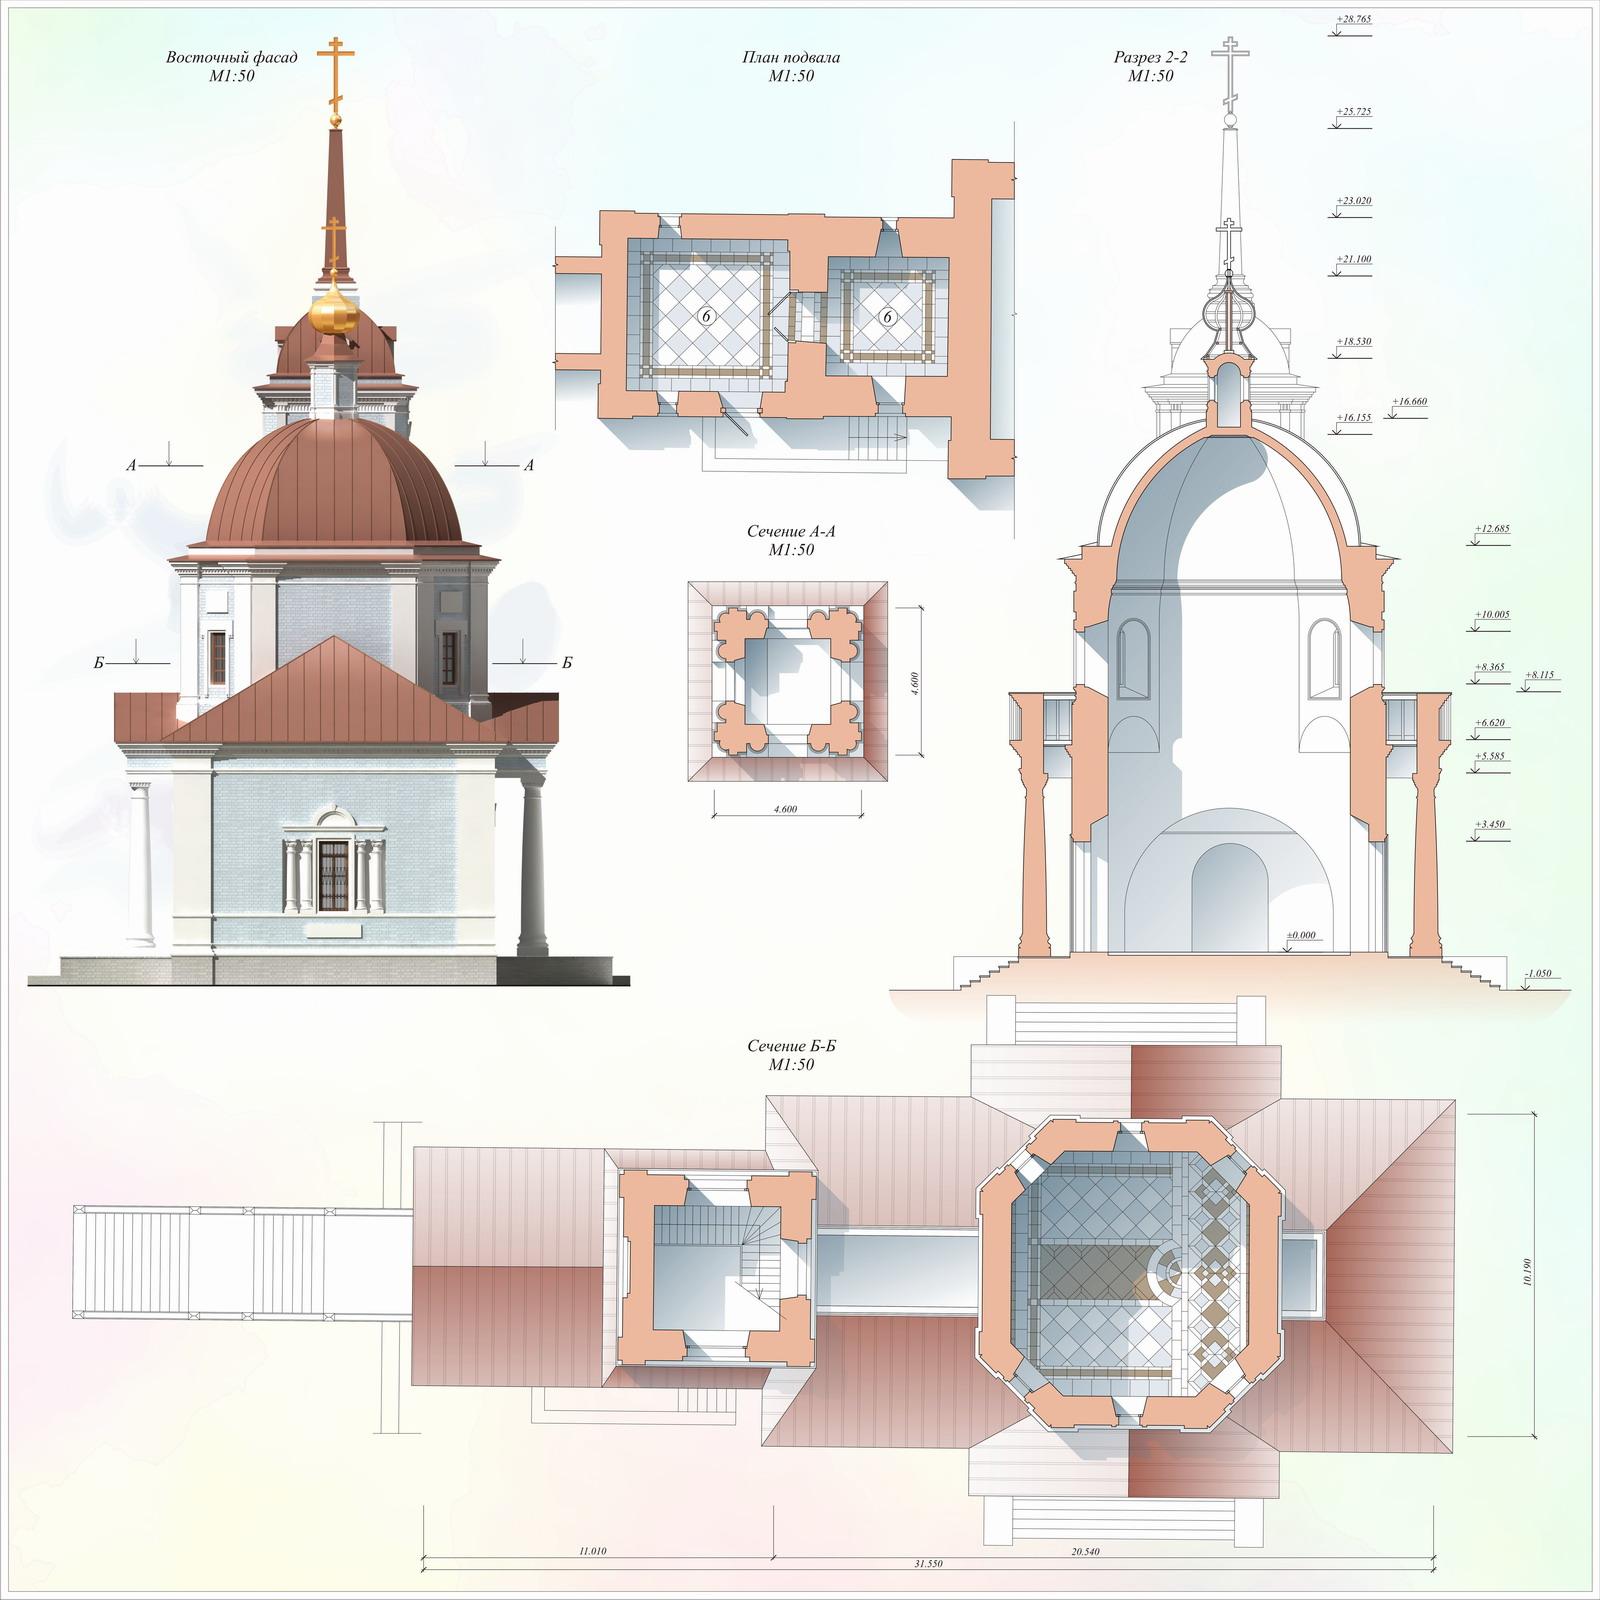 Проект реставрации церкви Покрова Богородицы